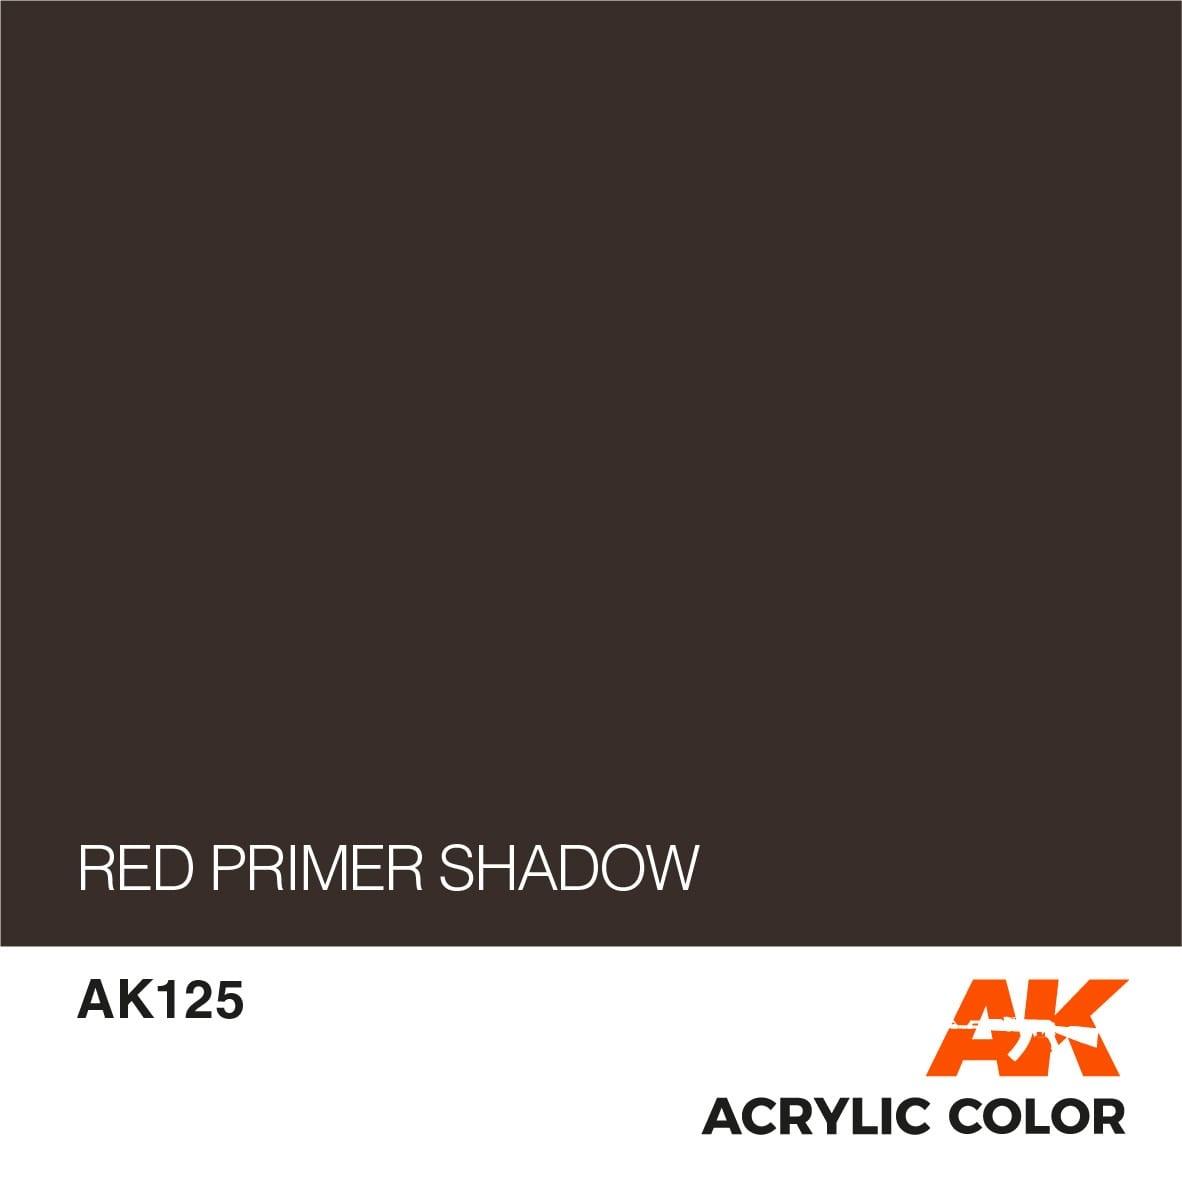 AK-Interactive Red Primer Shadow - 17ml - AK-Interactive - AK-125